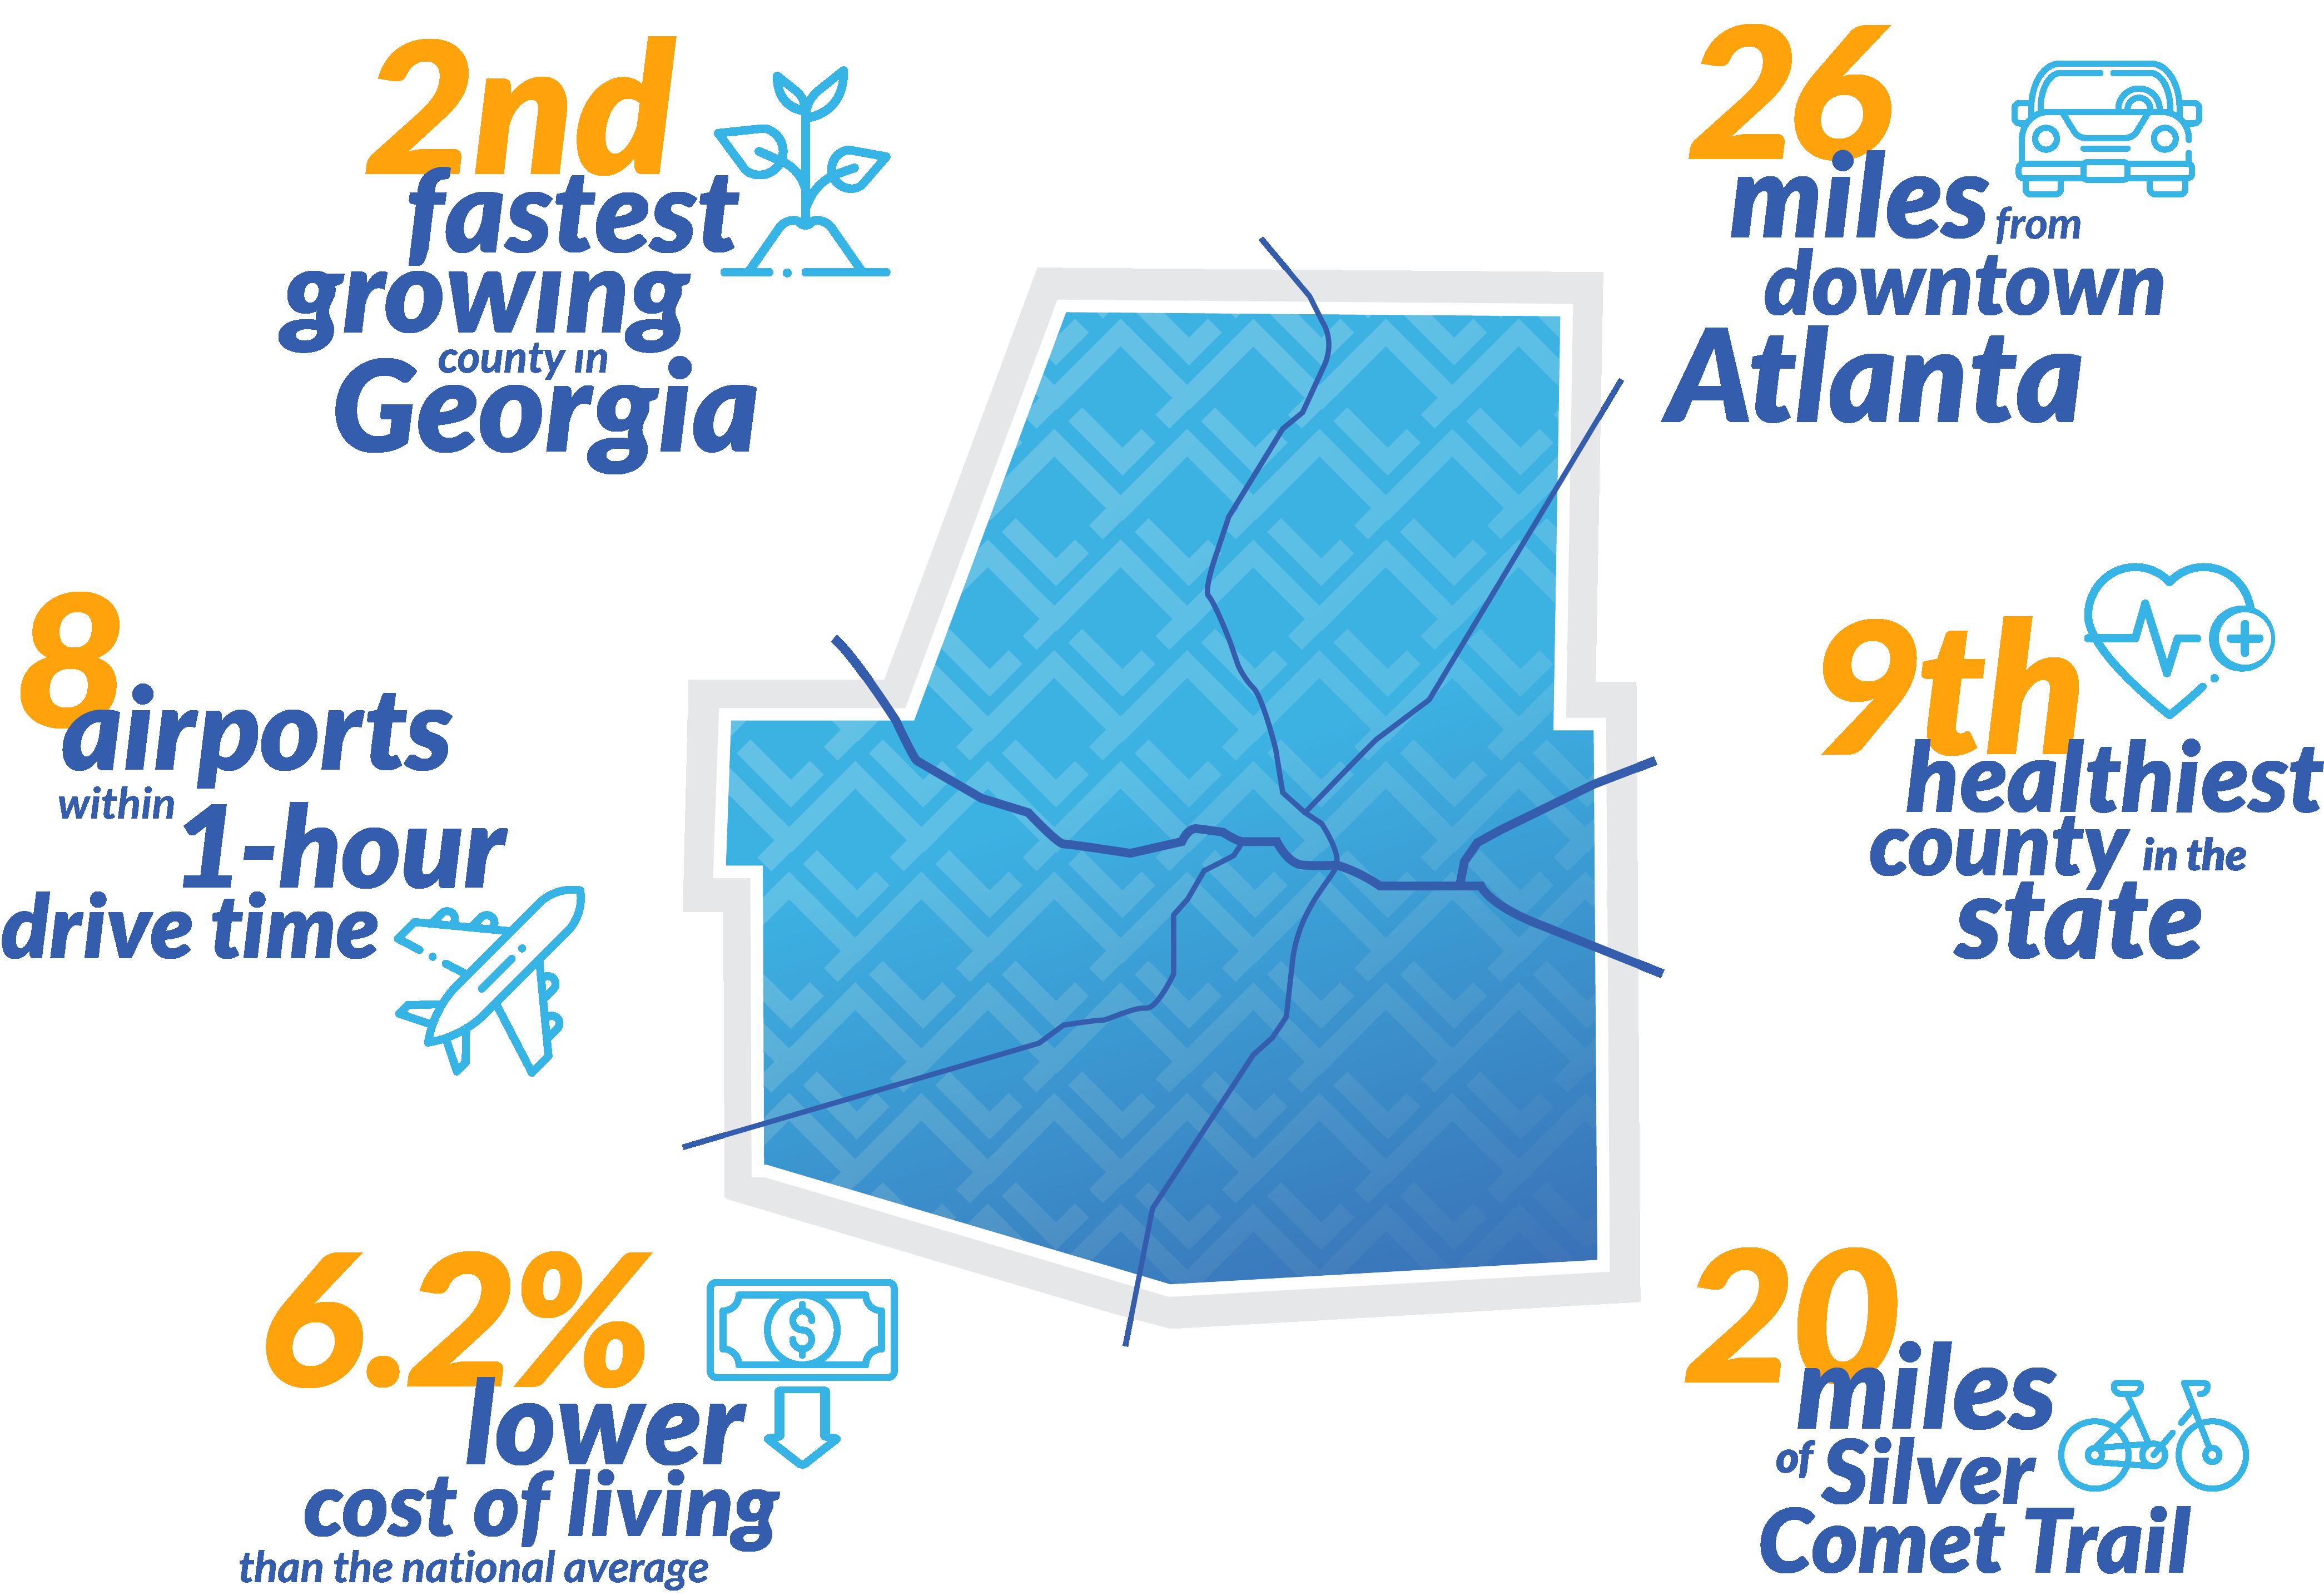 Paulding County Economic Development Home County Stats - Paulding County Economic Development